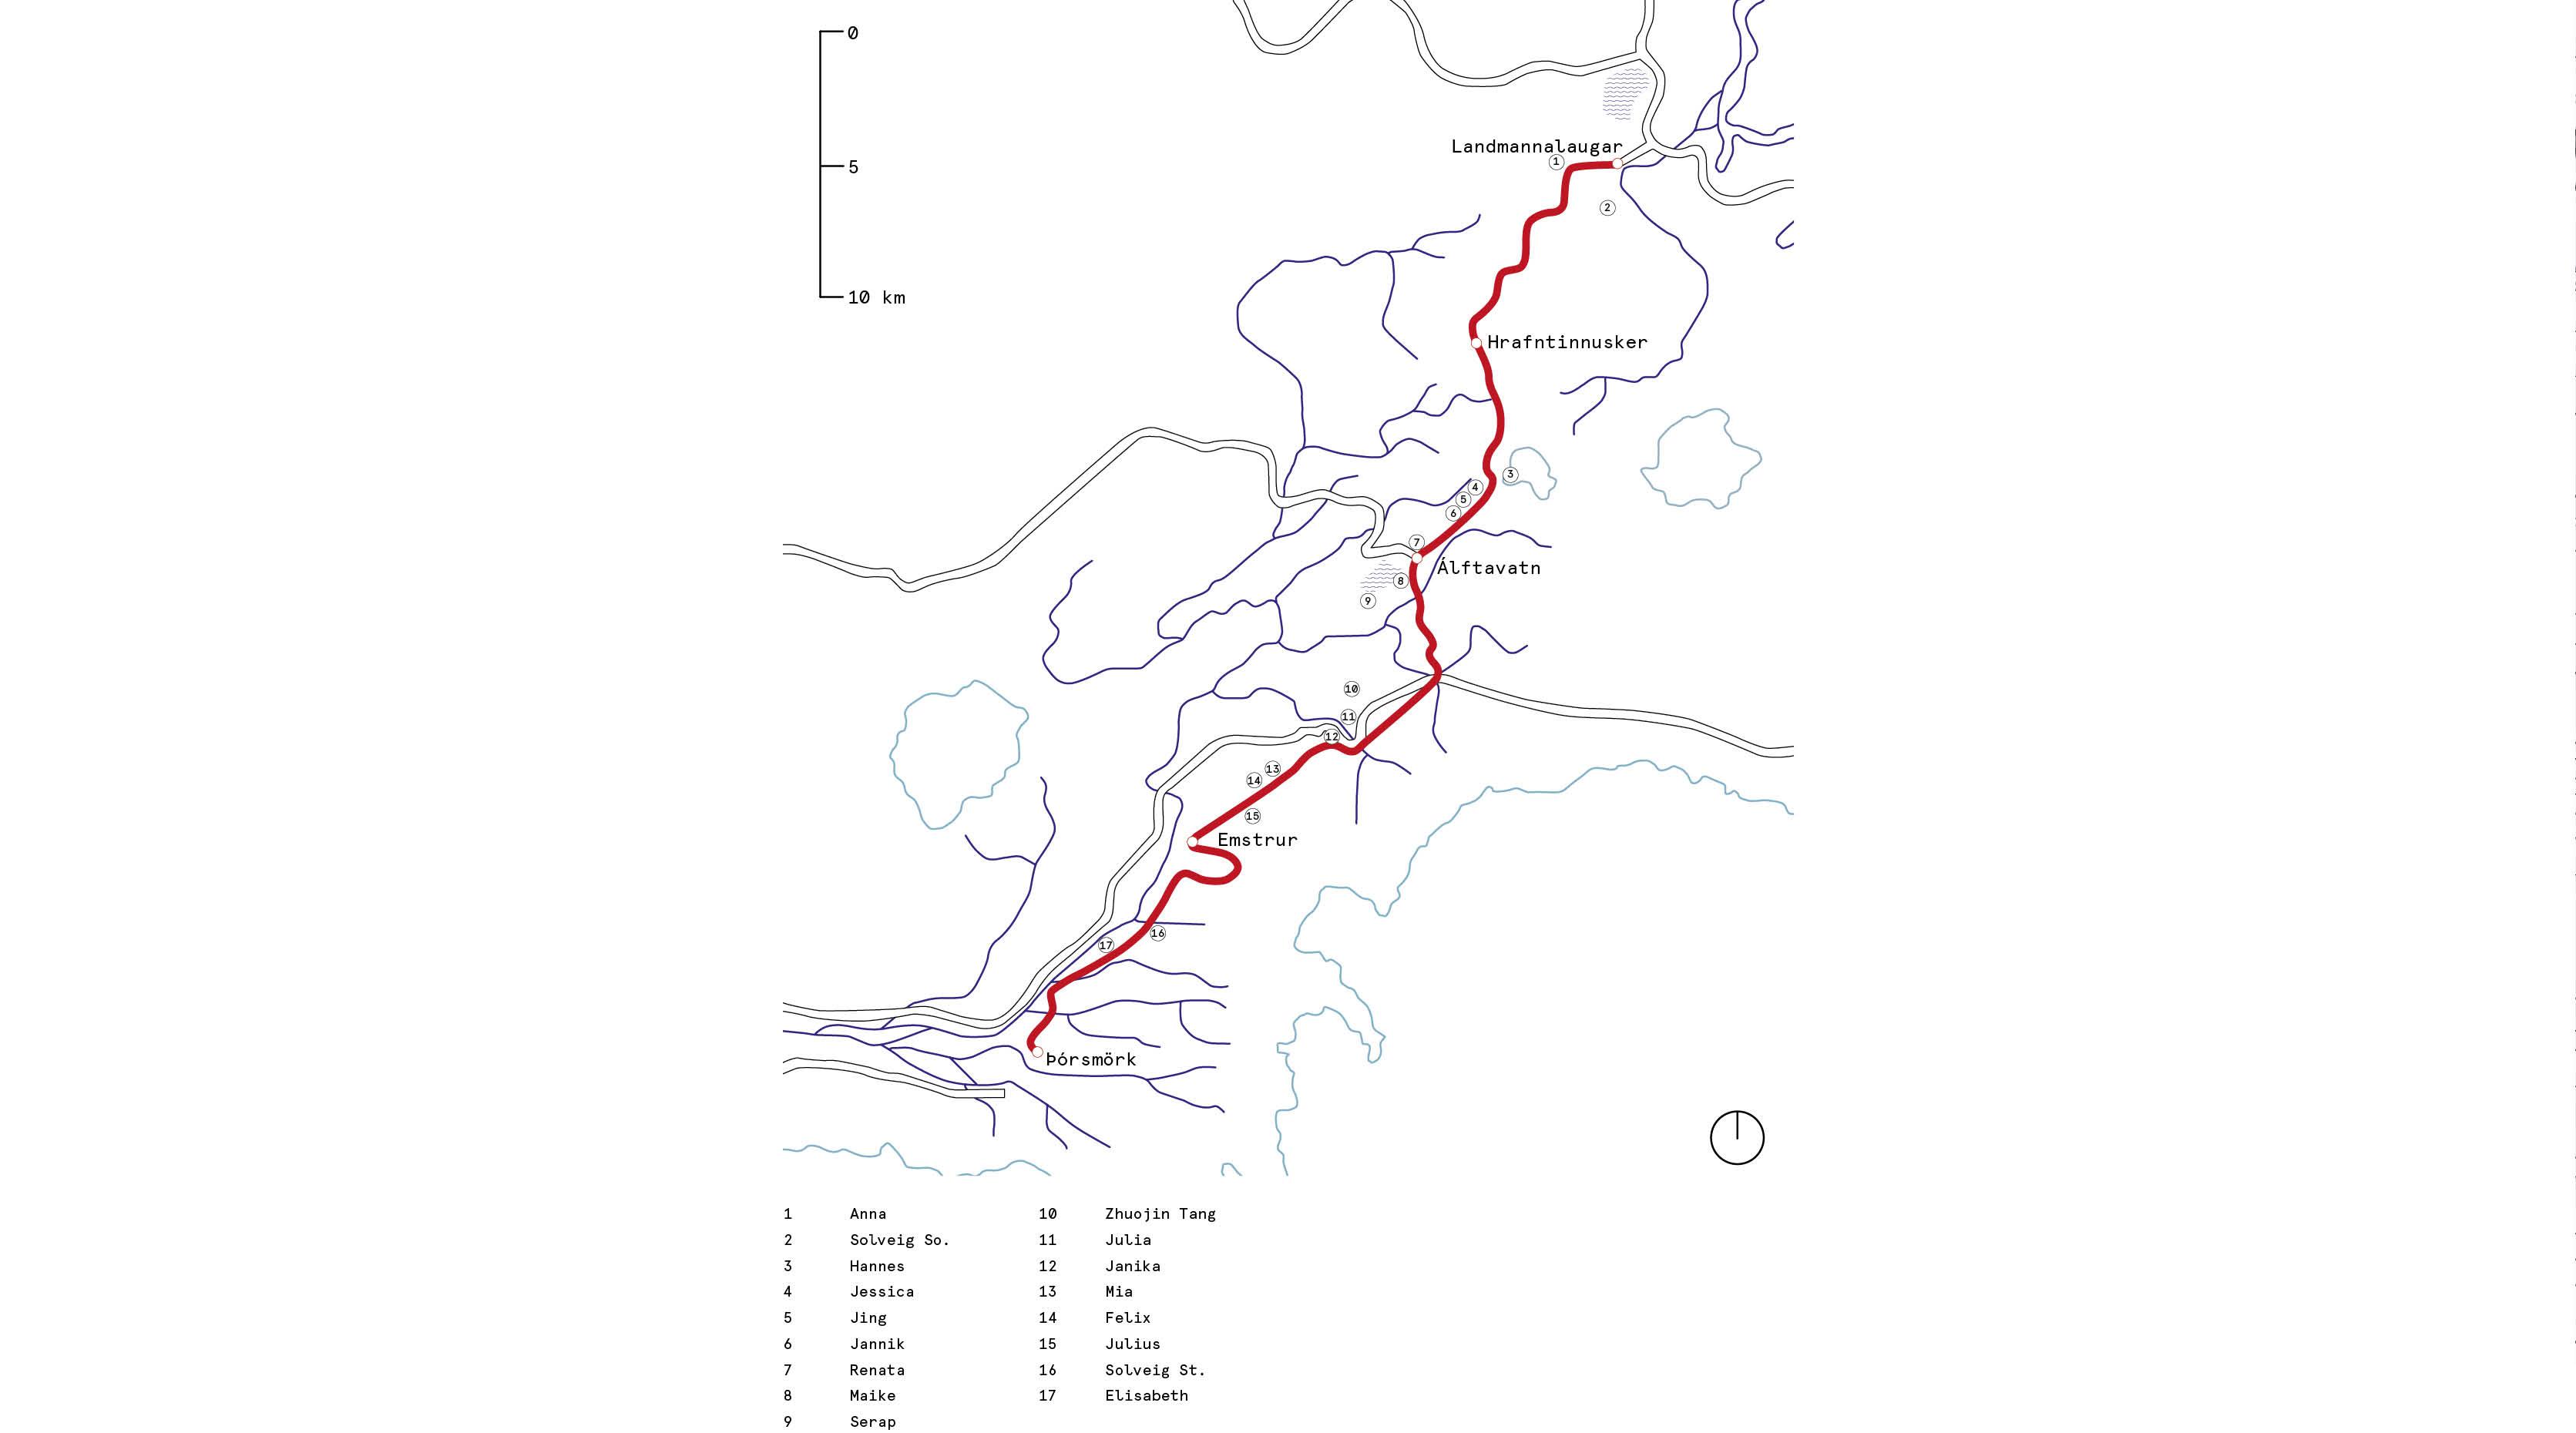 Lageplan des Trails mit allen Behausungen